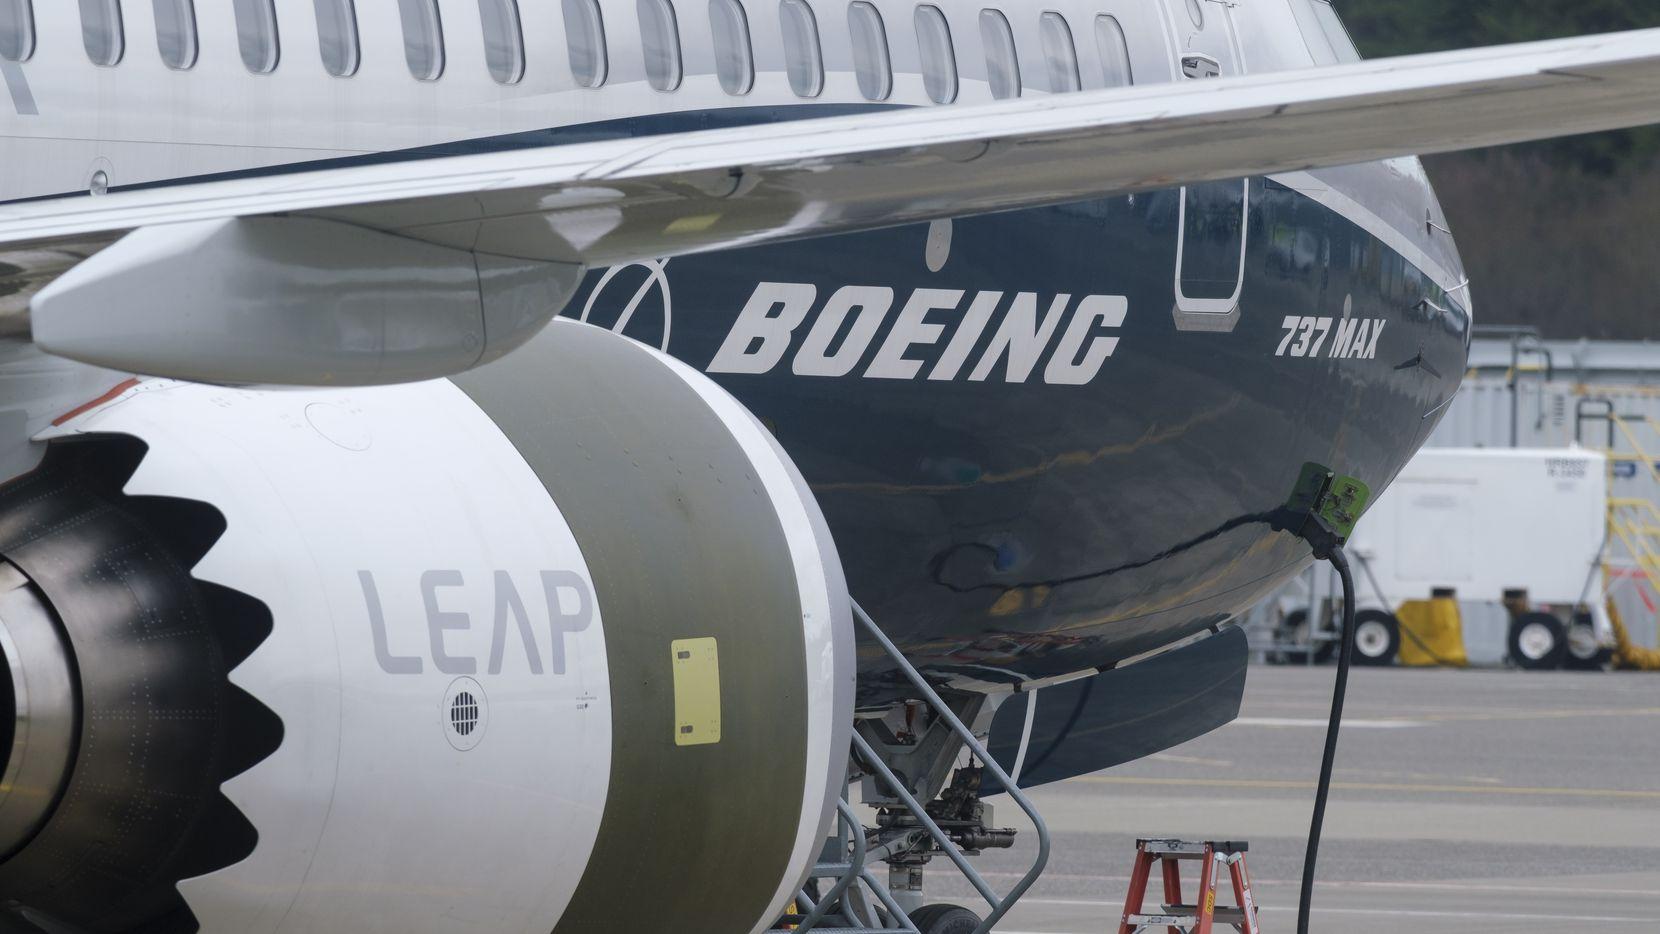 Una nave Boeing 737 MAX en la planta de manufactura de Boeing.